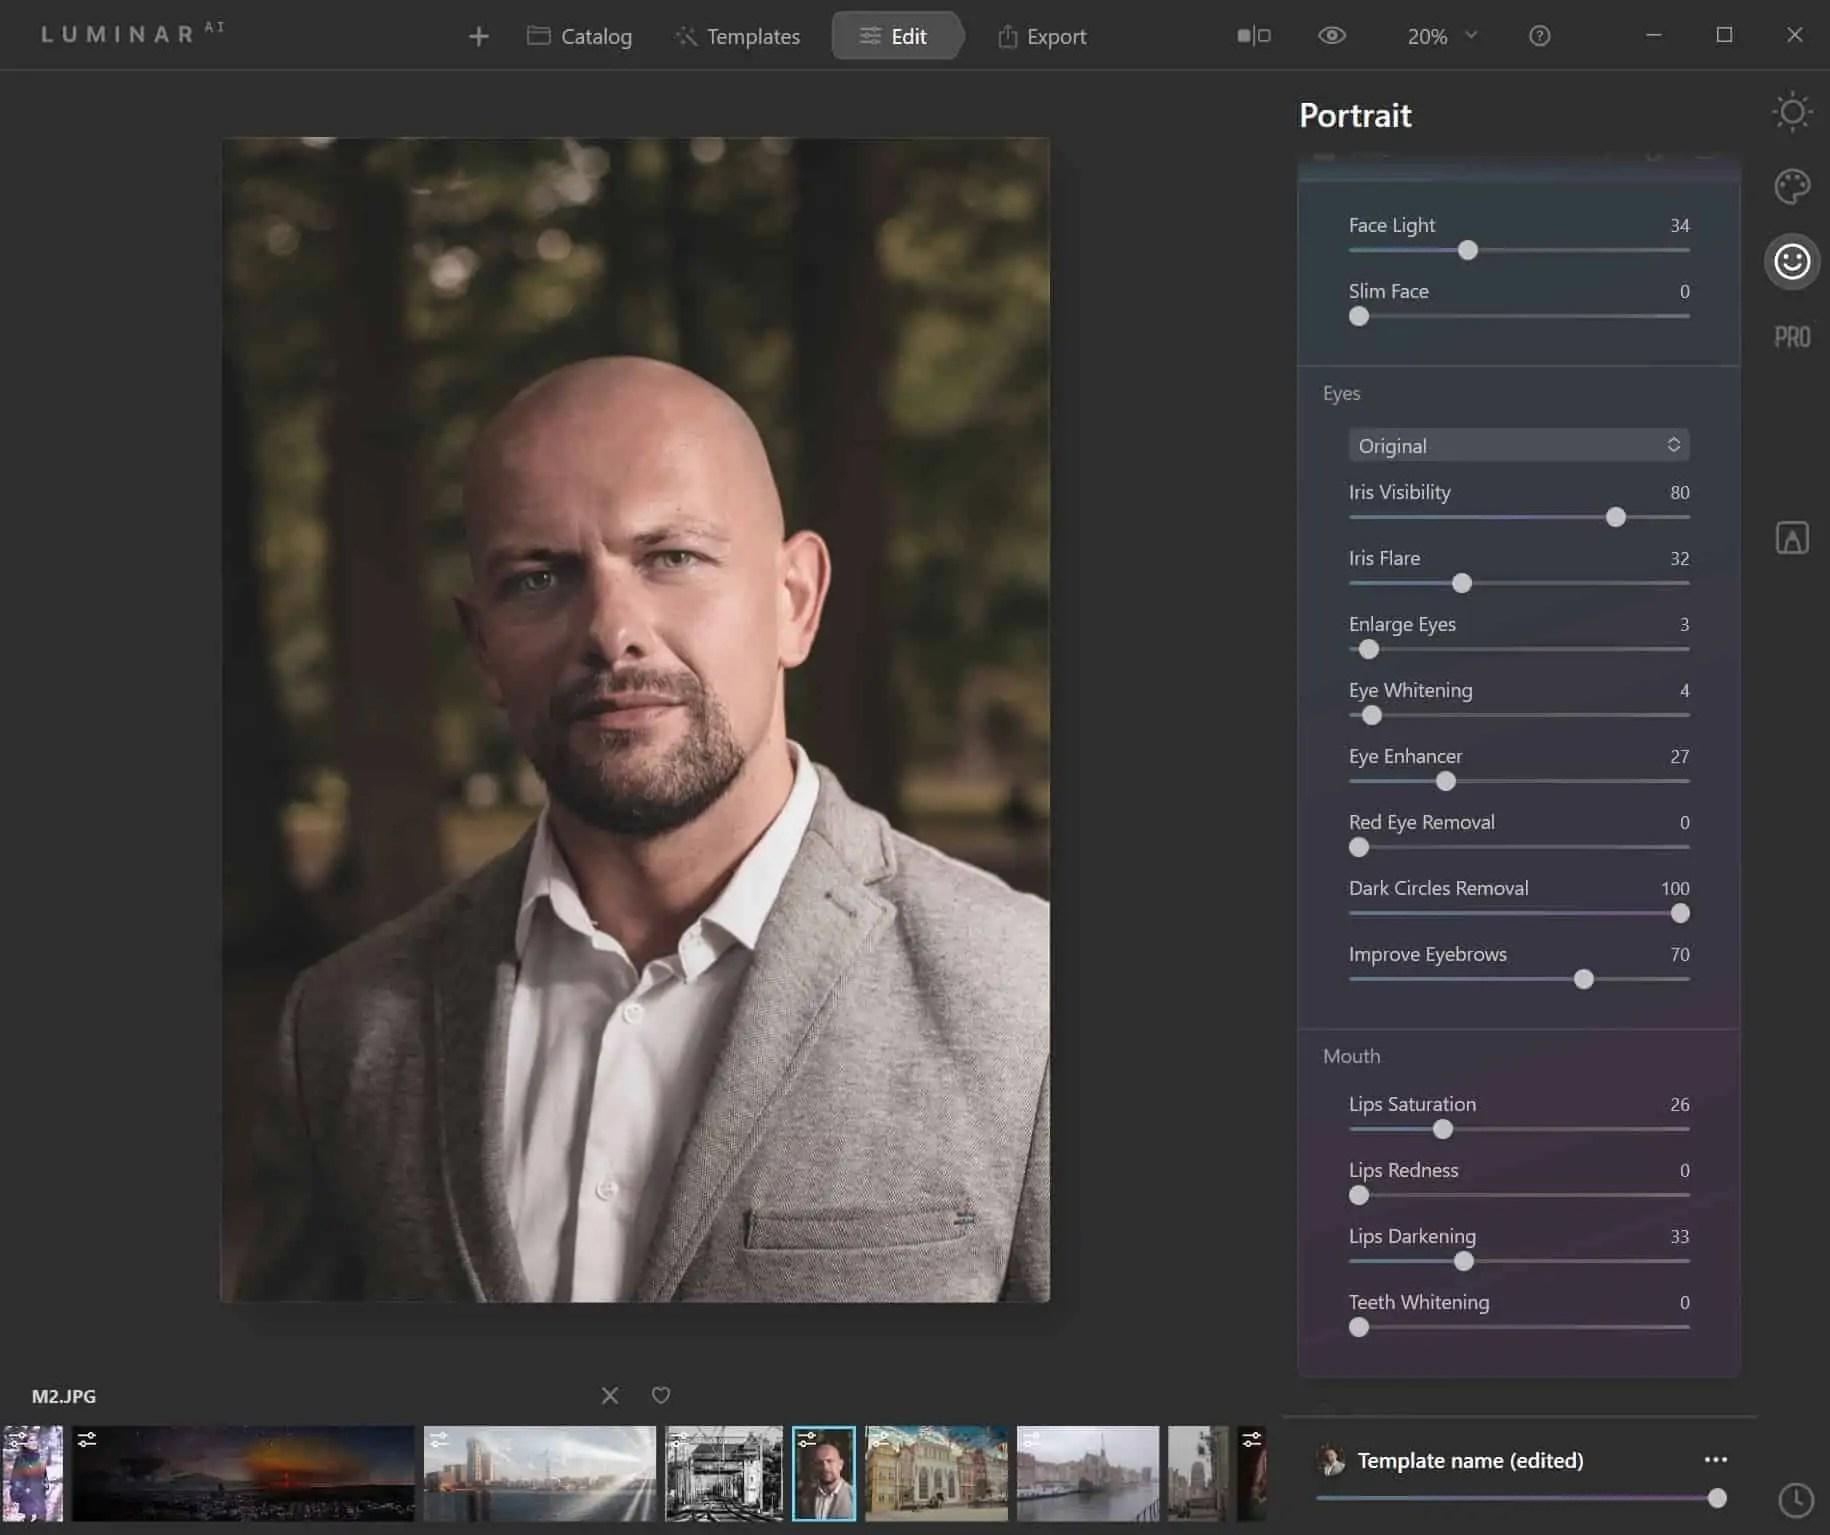 Program luminar ai retusz twarzy PO - Program Luminar AI po polsku czyli sztuczna inteligencja do zdjęc w 2020